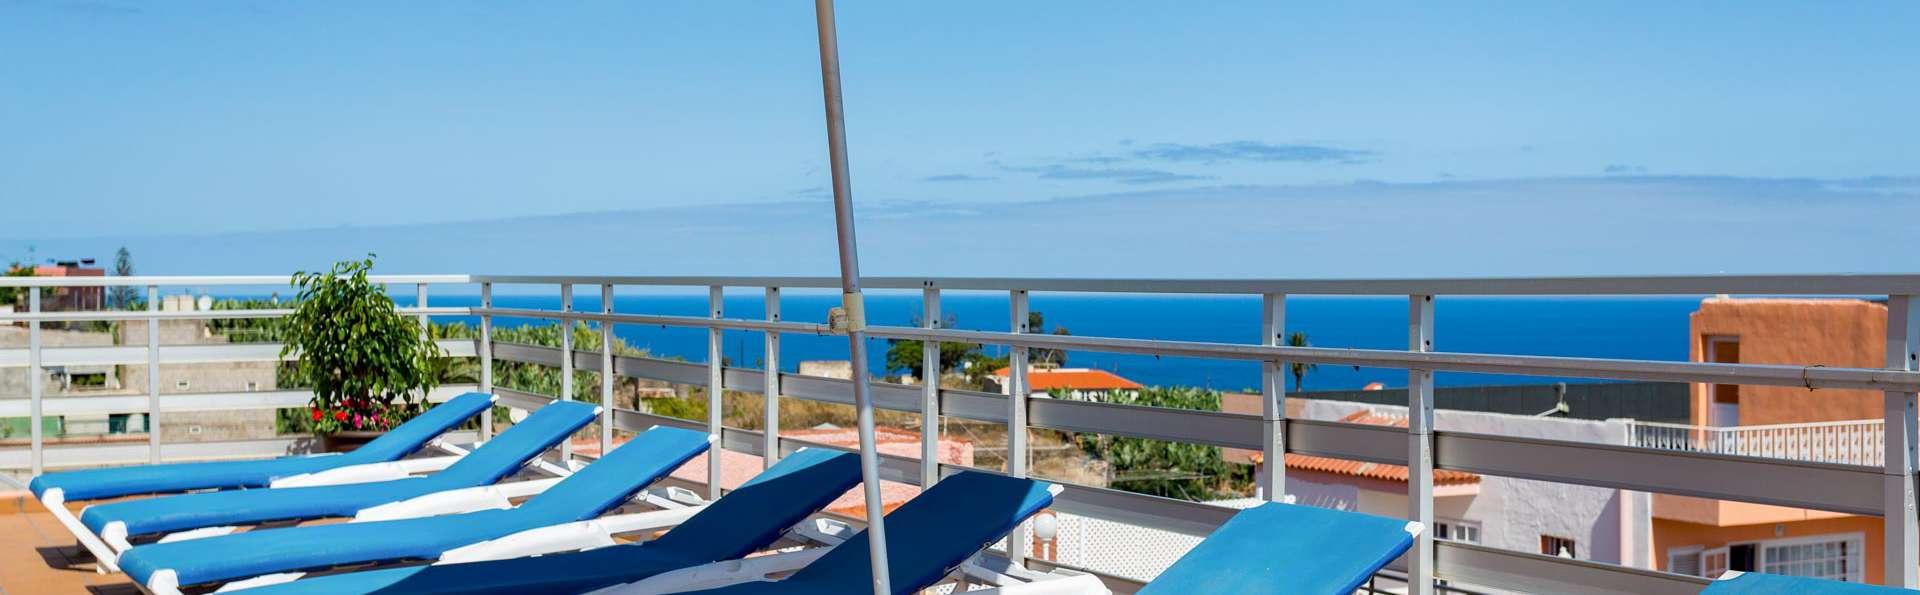 Escapada Media Pensión bajo el sol de las Canarias, en Puerto de la Cruz